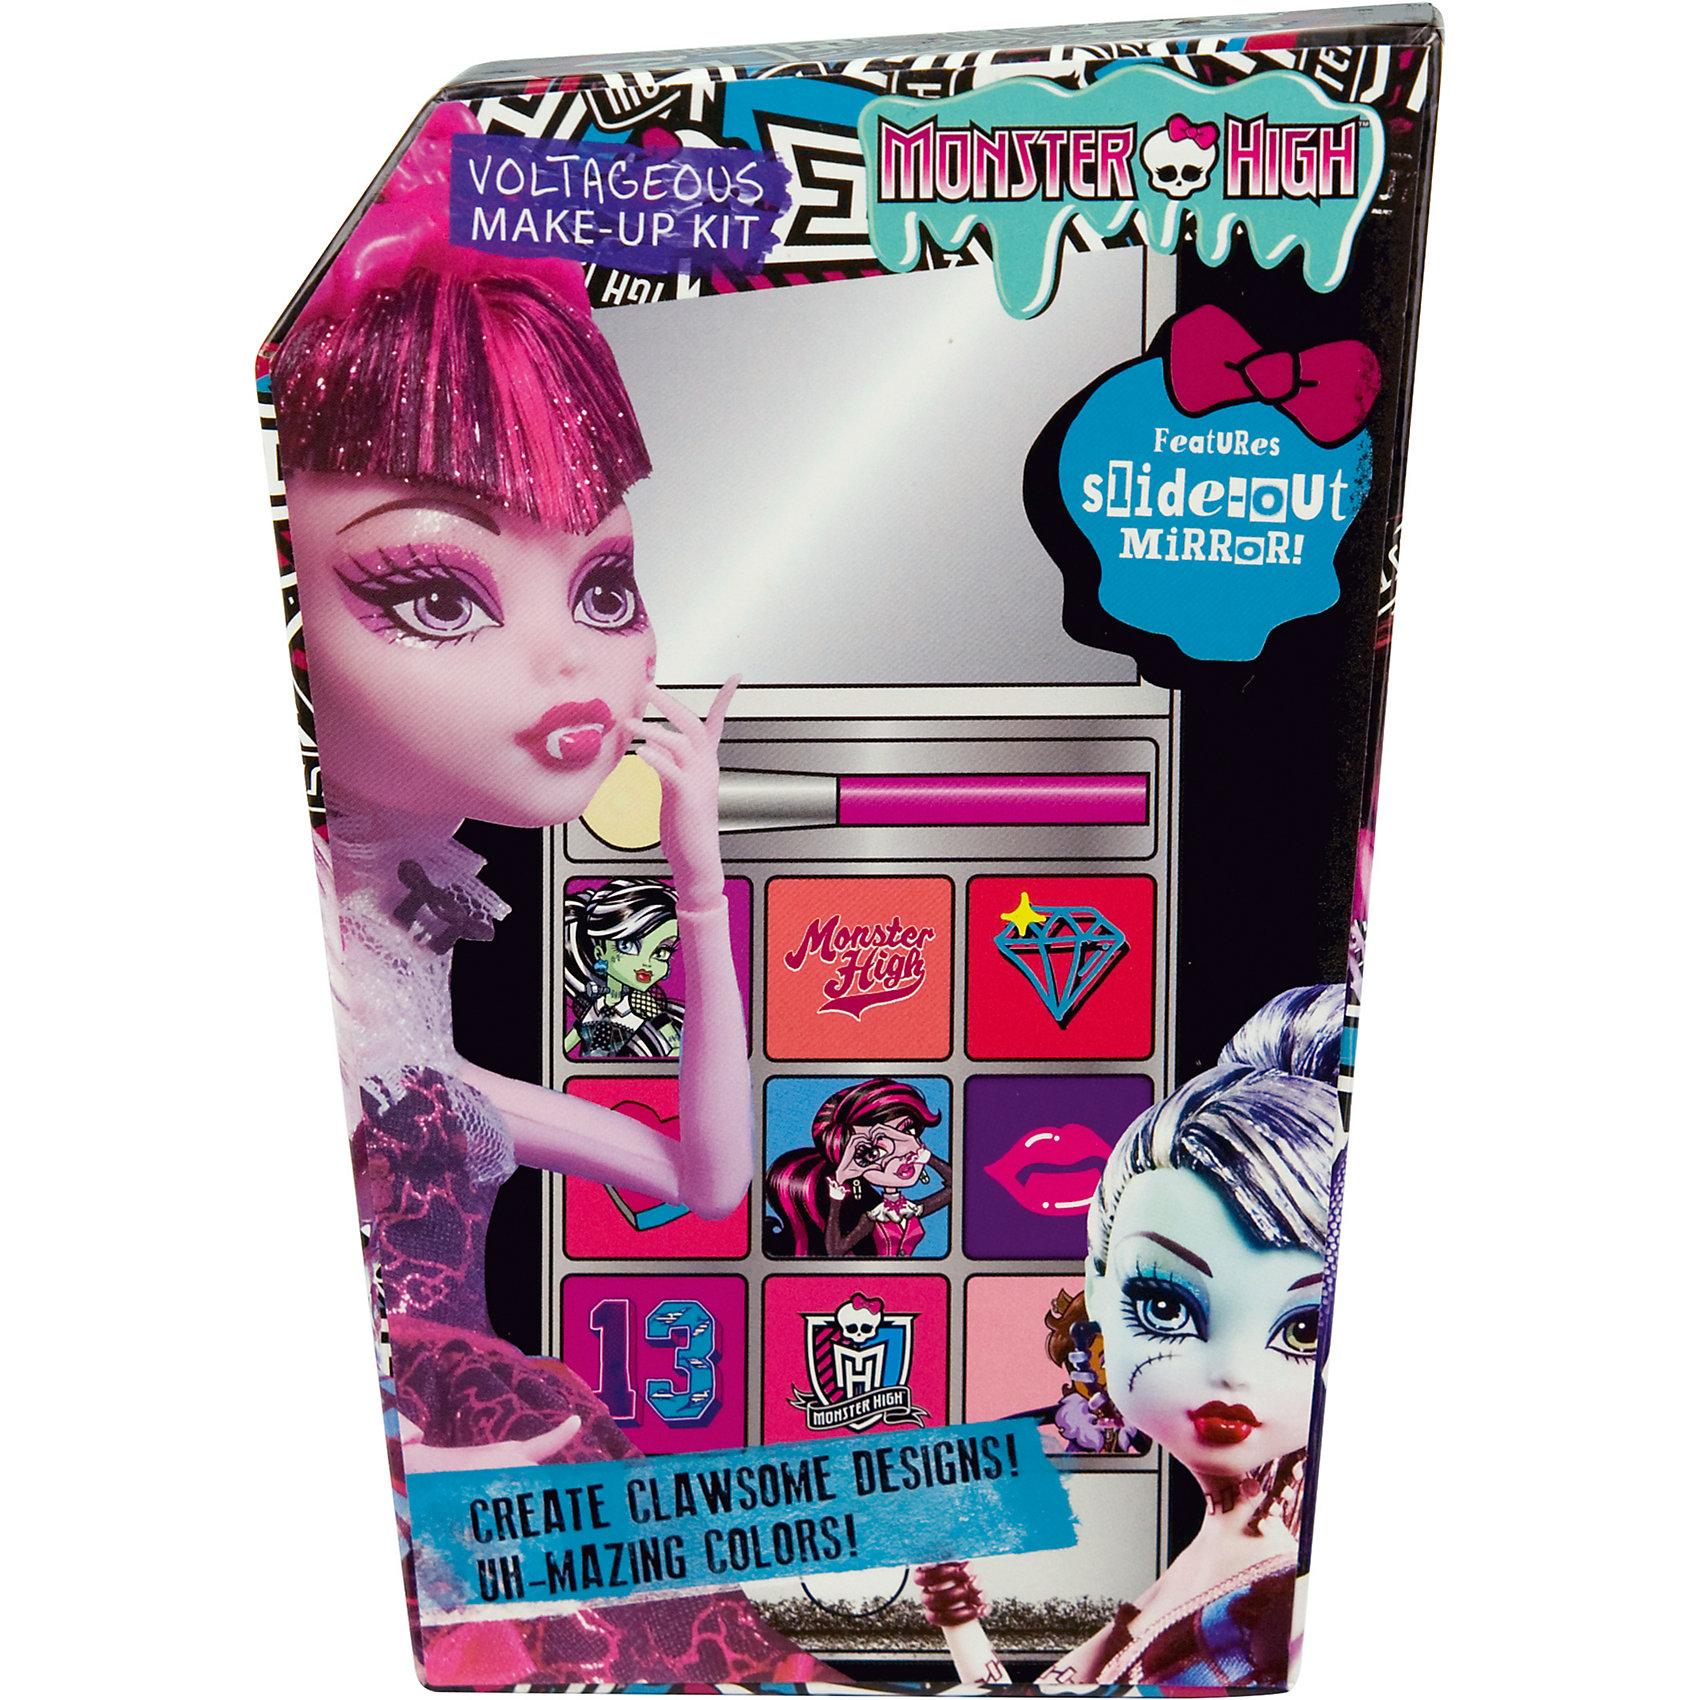 Набор детской косметики Monster High - iPhone 5Характеристики:<br><br>• Наименование: детская декоративная косметика<br>• Предназначение: для сюжетно-ролевых игр<br>• Серия: Monster High<br>• Пол: для девочки<br>• Материал: натуральные косметические компоненты, пластик, картон<br>• Цвет: в ассортименте<br>• Комплектация: палитра кремовых теней из 9 оттенков, аппликатор, футляр в виде iPhone 5 с зеркальцем<br>• Размеры (Д*Ш*В): 16*12*5 см<br>• Вес: 135 г <br>• Упаковка: картонная коробка<br><br>Игровой набор детской декоративной косметики iPhone 5, Monster High – это набор игровой детской косметики от Markwins, которая вот уже несколько десятилетий специализируется на выпуске детской косметики. Рецептура декоративной детской косметики разработана совместно с косметологами и медиками, в основе рецептуры – водная основа, а потому она гипоаллергенны, не вызывает раздражений на детской коже и легко смывается, не оставляя следа. Безопасность продукции подтверждена международными сертификатами качества и безопасности. <br>Игровой набор детской декоративной косметики состоит из палитры теней для век кремовых оттенков и аппликатора для их нанесения. Косметические средства, входящие в состав набора, имеют длительный срок хранения – 12 месяцев. Набор выполнен в брендовом дизайне популярной серии Monster High, с футляром в виде имитации iPhone 5. Игровой набор детской декоративной косметики от Markwins может стать незаменимым праздничным подарком для любой маленькой модницы!<br><br>Игровой набор детской декоративной косметики iPhone 5, Monster High можно купить в нашем интернет-магазине.<br><br>Ширина мм: 110<br>Глубина мм: 150<br>Высота мм: 40<br>Вес г: 174<br>Возраст от месяцев: 48<br>Возраст до месяцев: 120<br>Пол: Женский<br>Возраст: Детский<br>SKU: 5124702